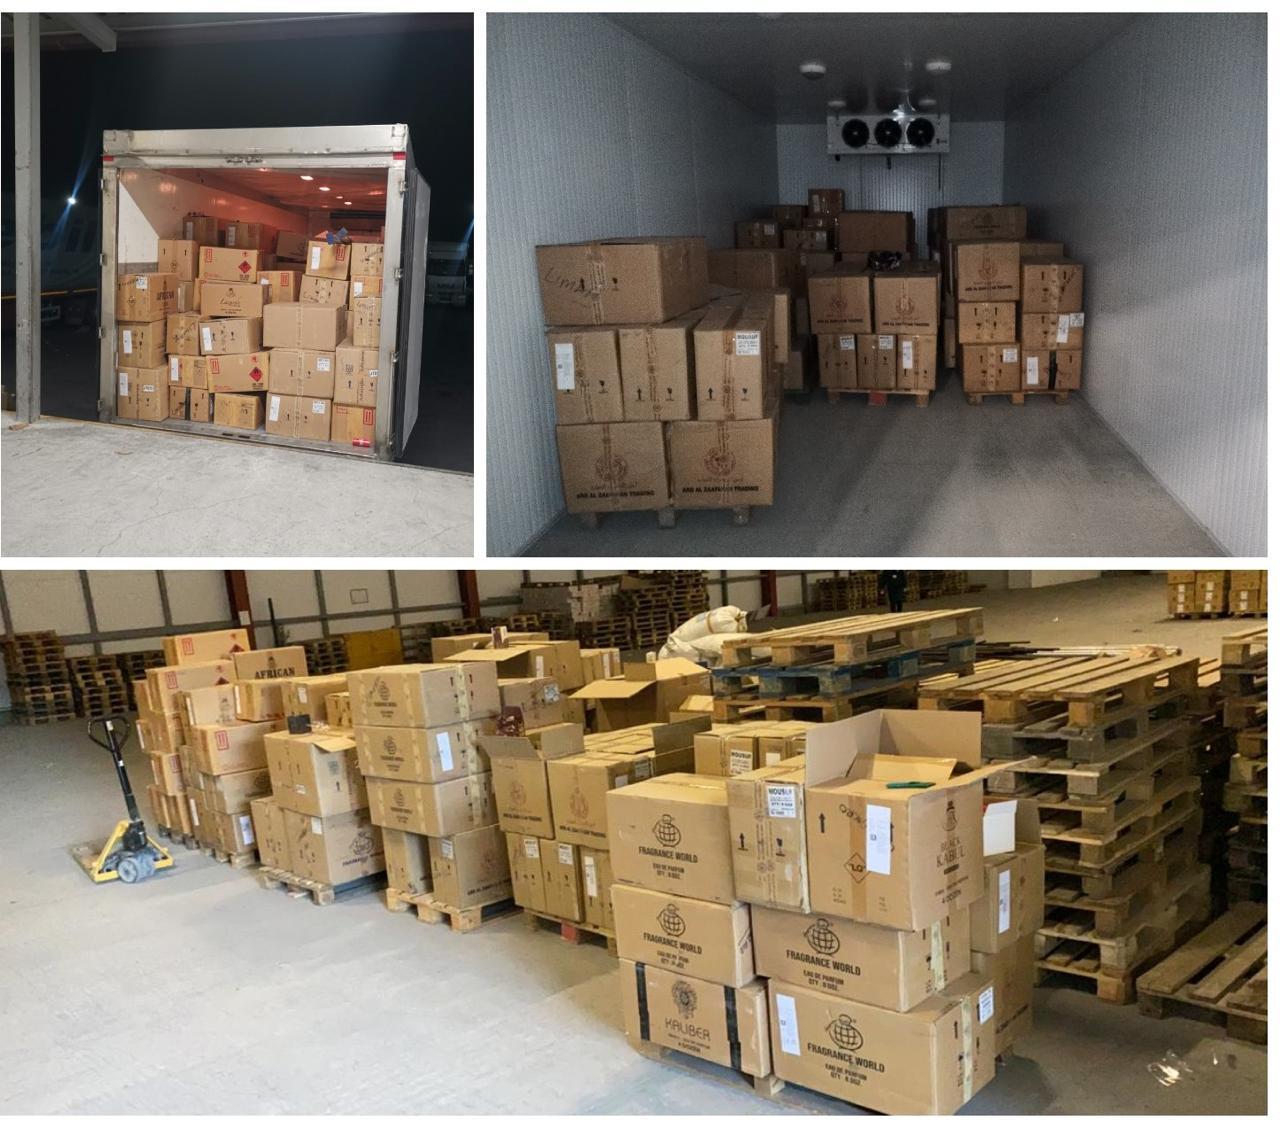 Сотрудники Северо-Осетинской таможни выявили контрафактную парфюмерную продукцию на сумму более 1,2 млн рублей